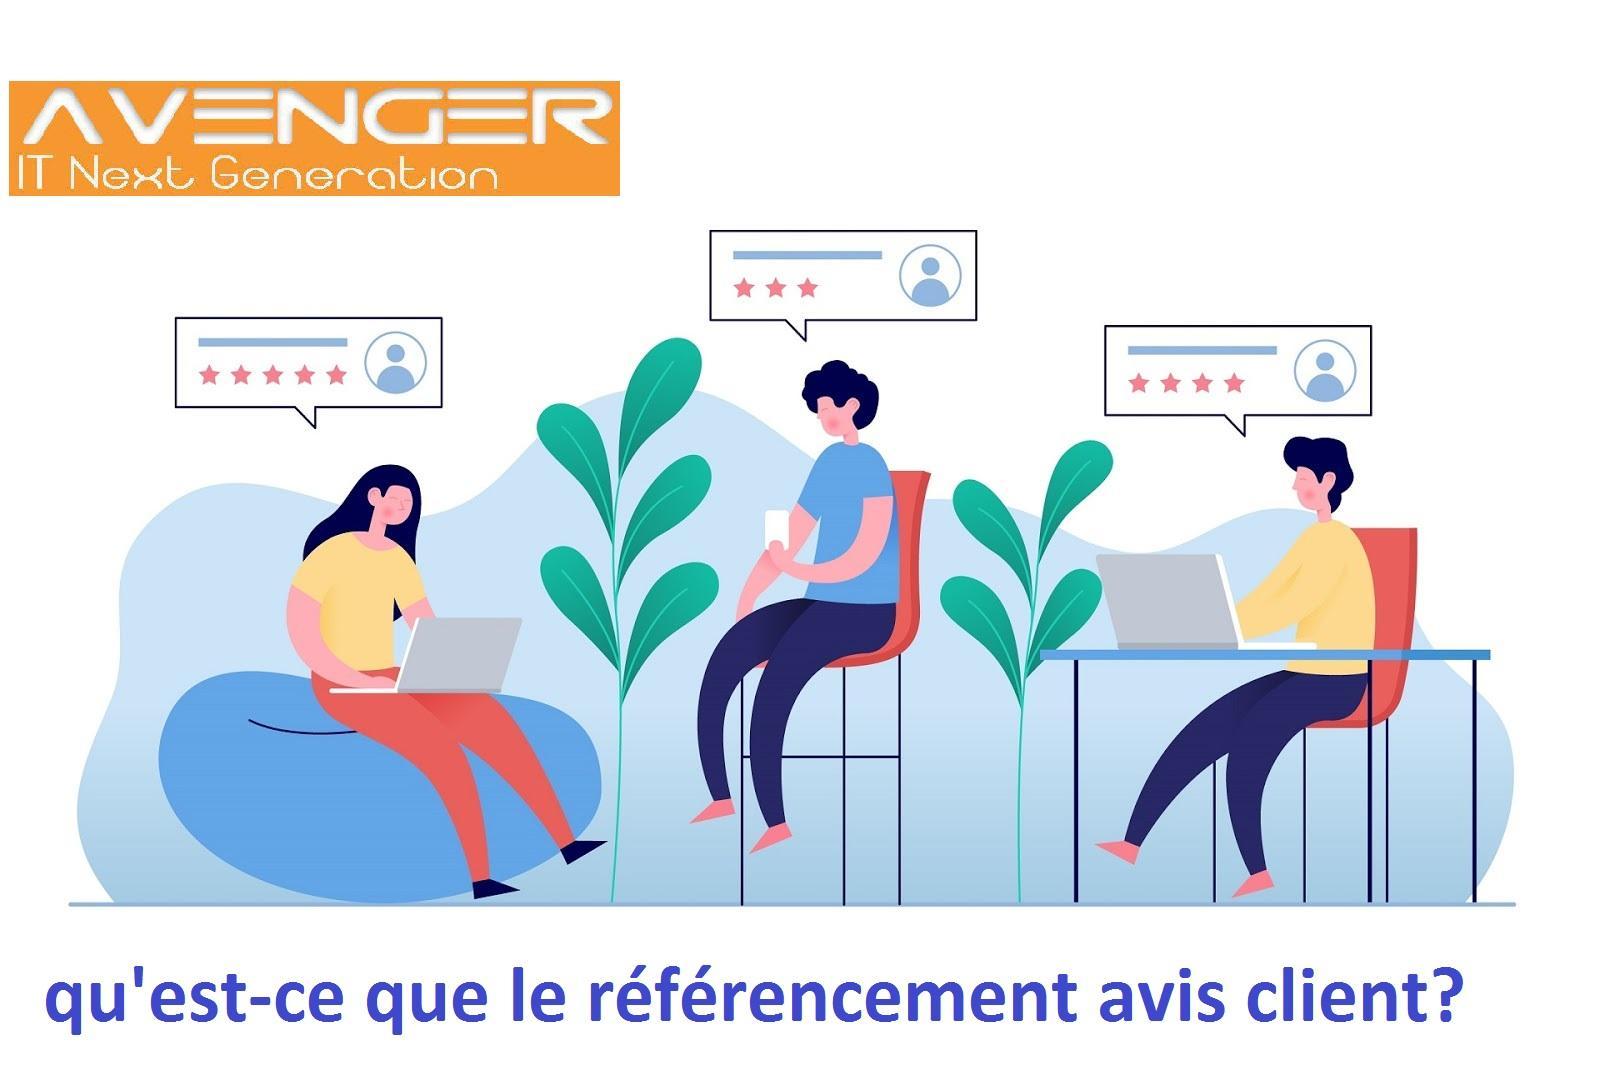 qu'est-ce que le référencement avis client?